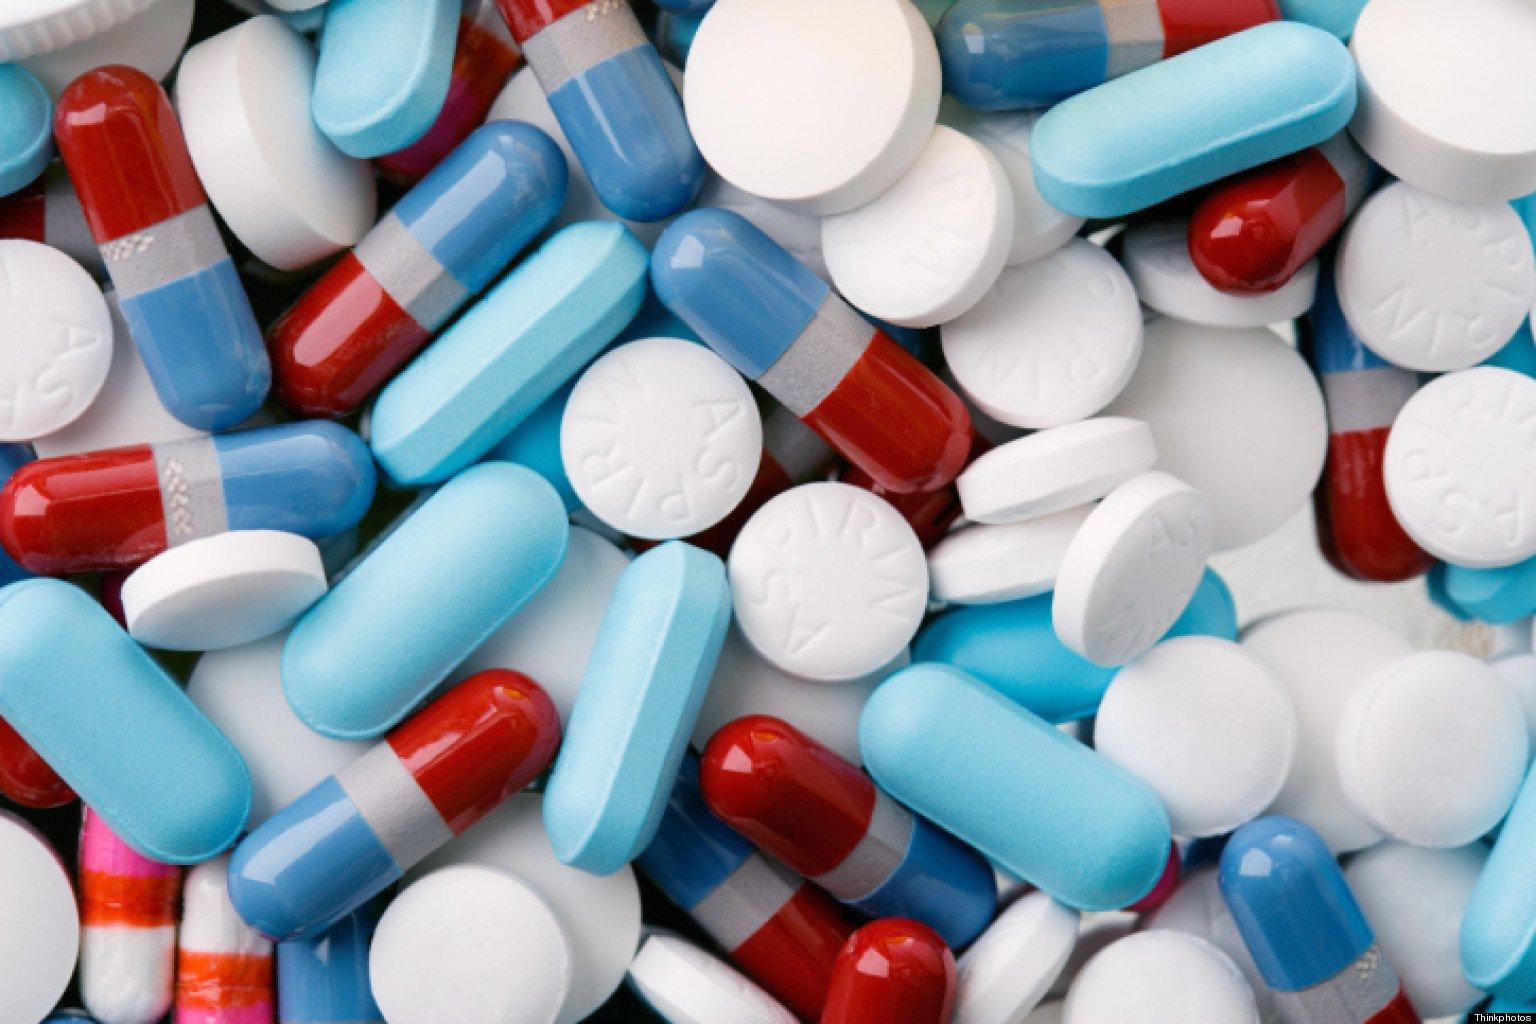 la medicina per ingrassare senza effetti collaterali